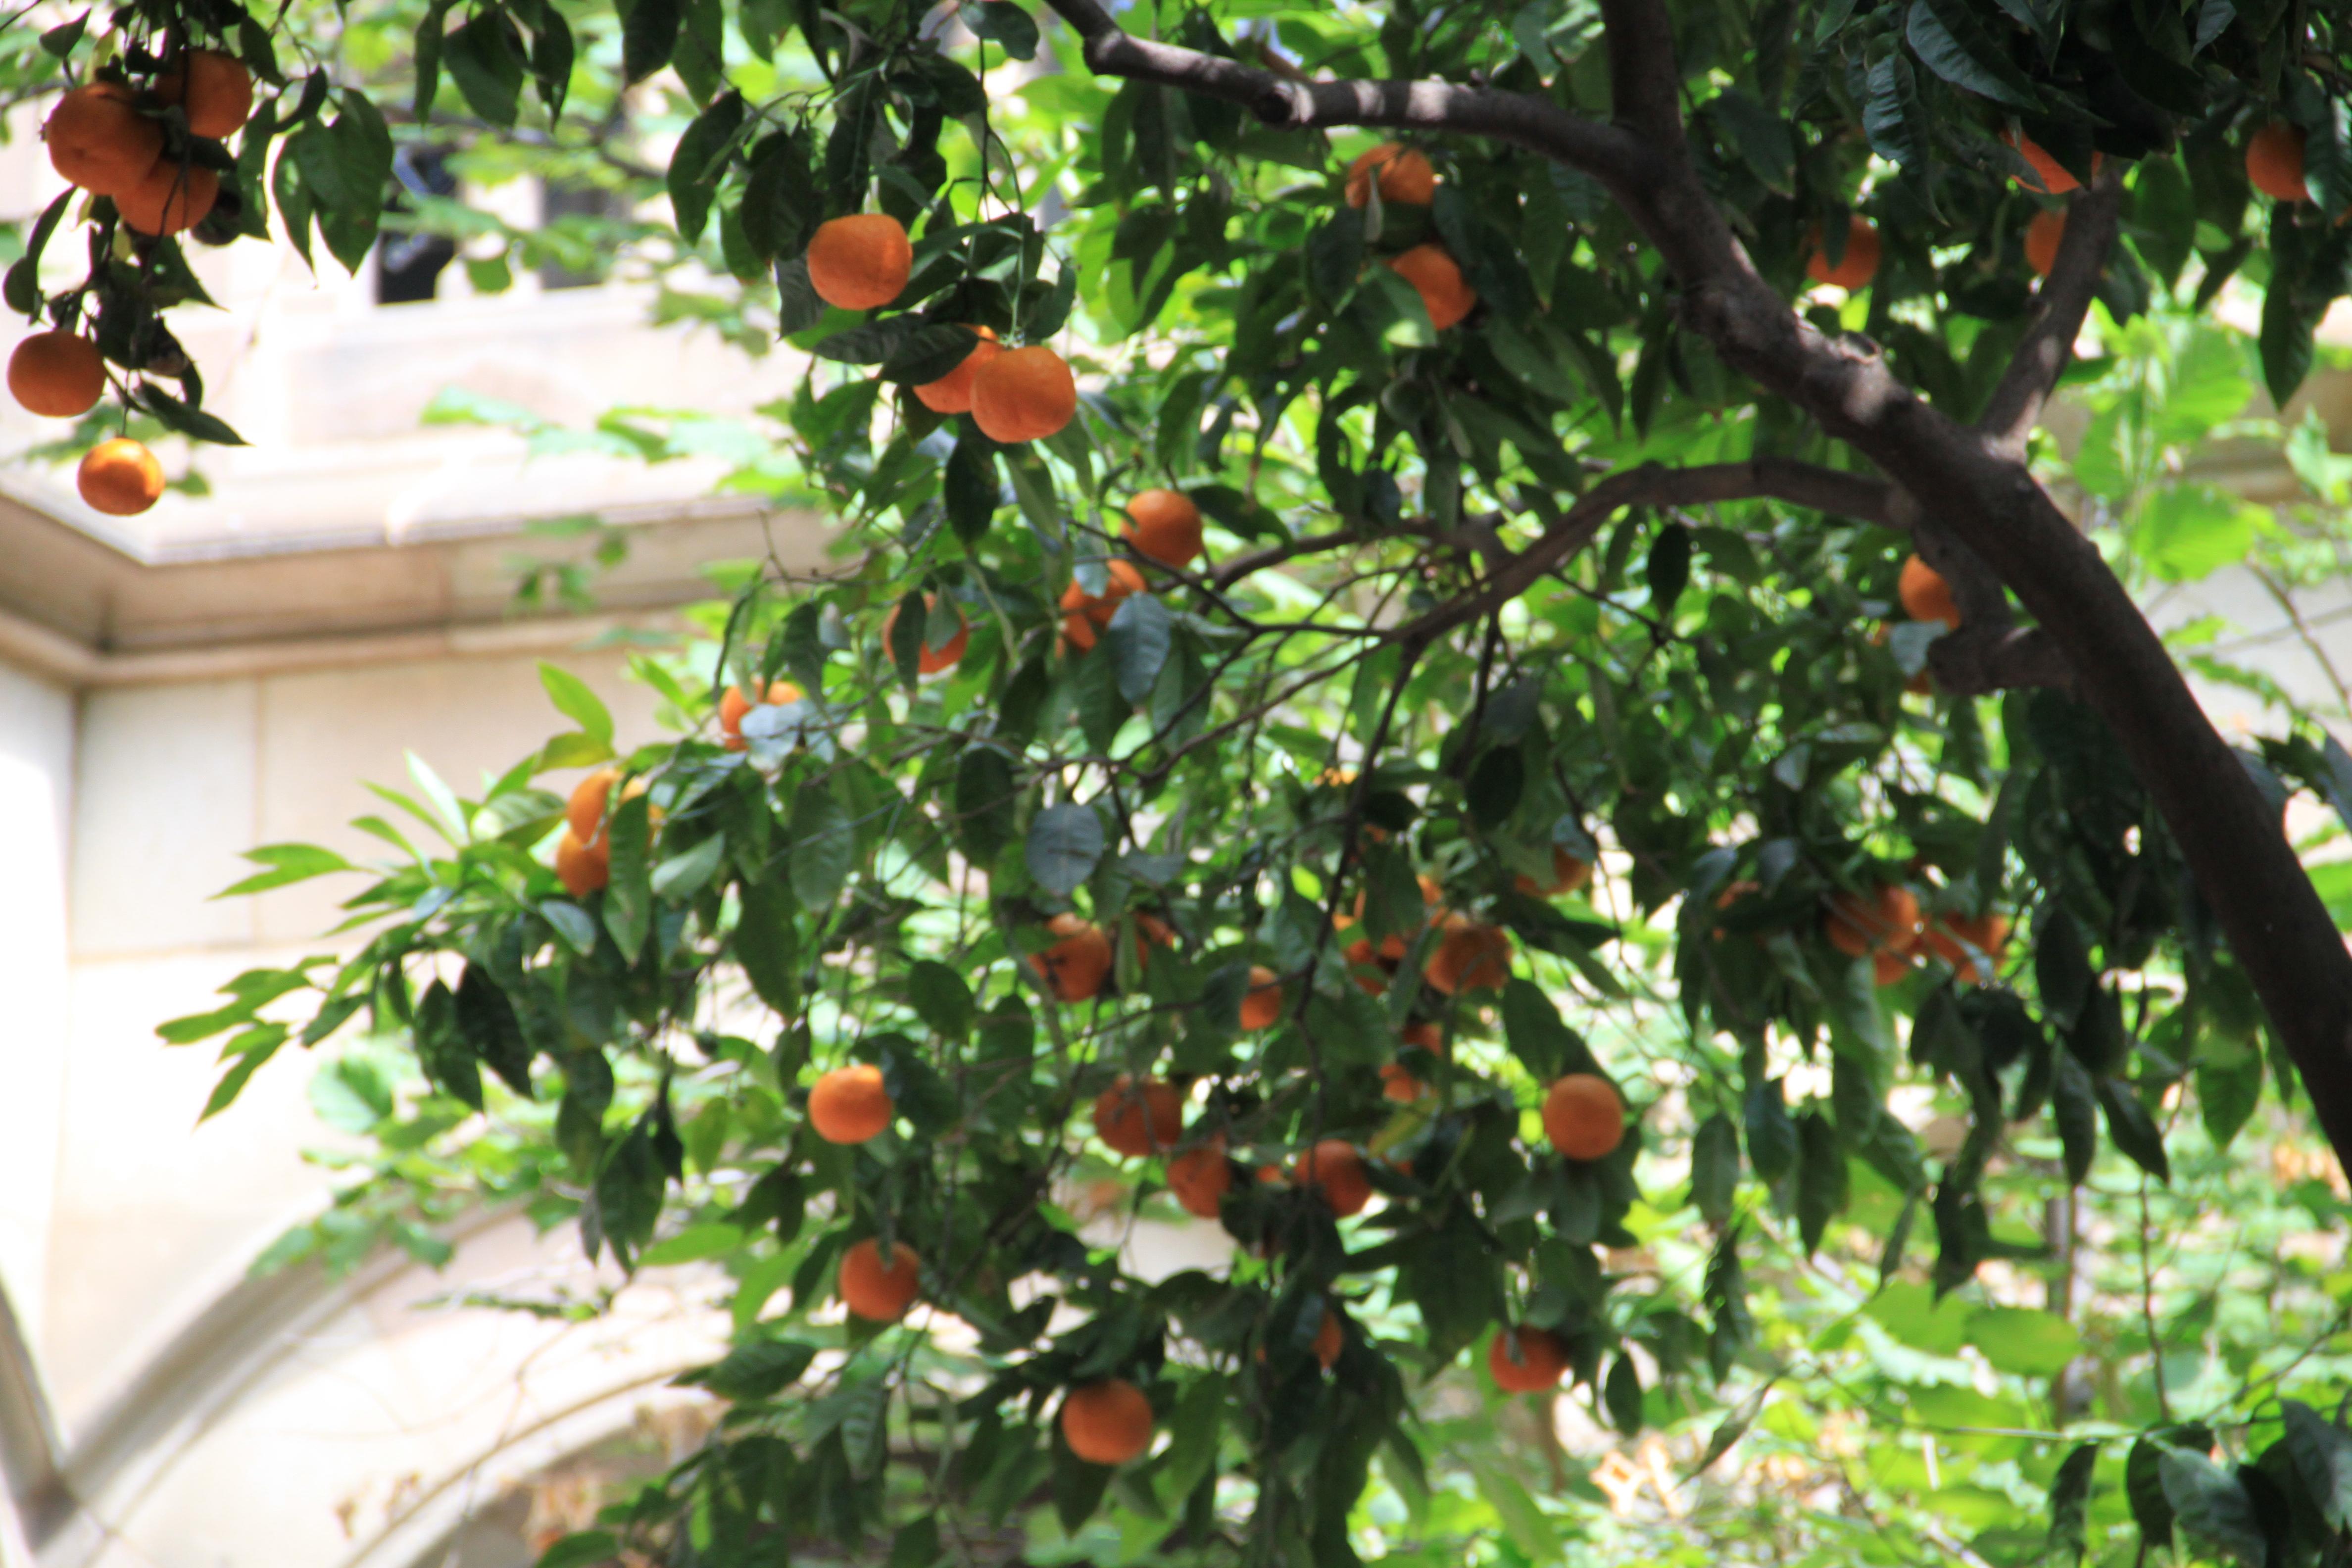 Image of Meiwa kumquat